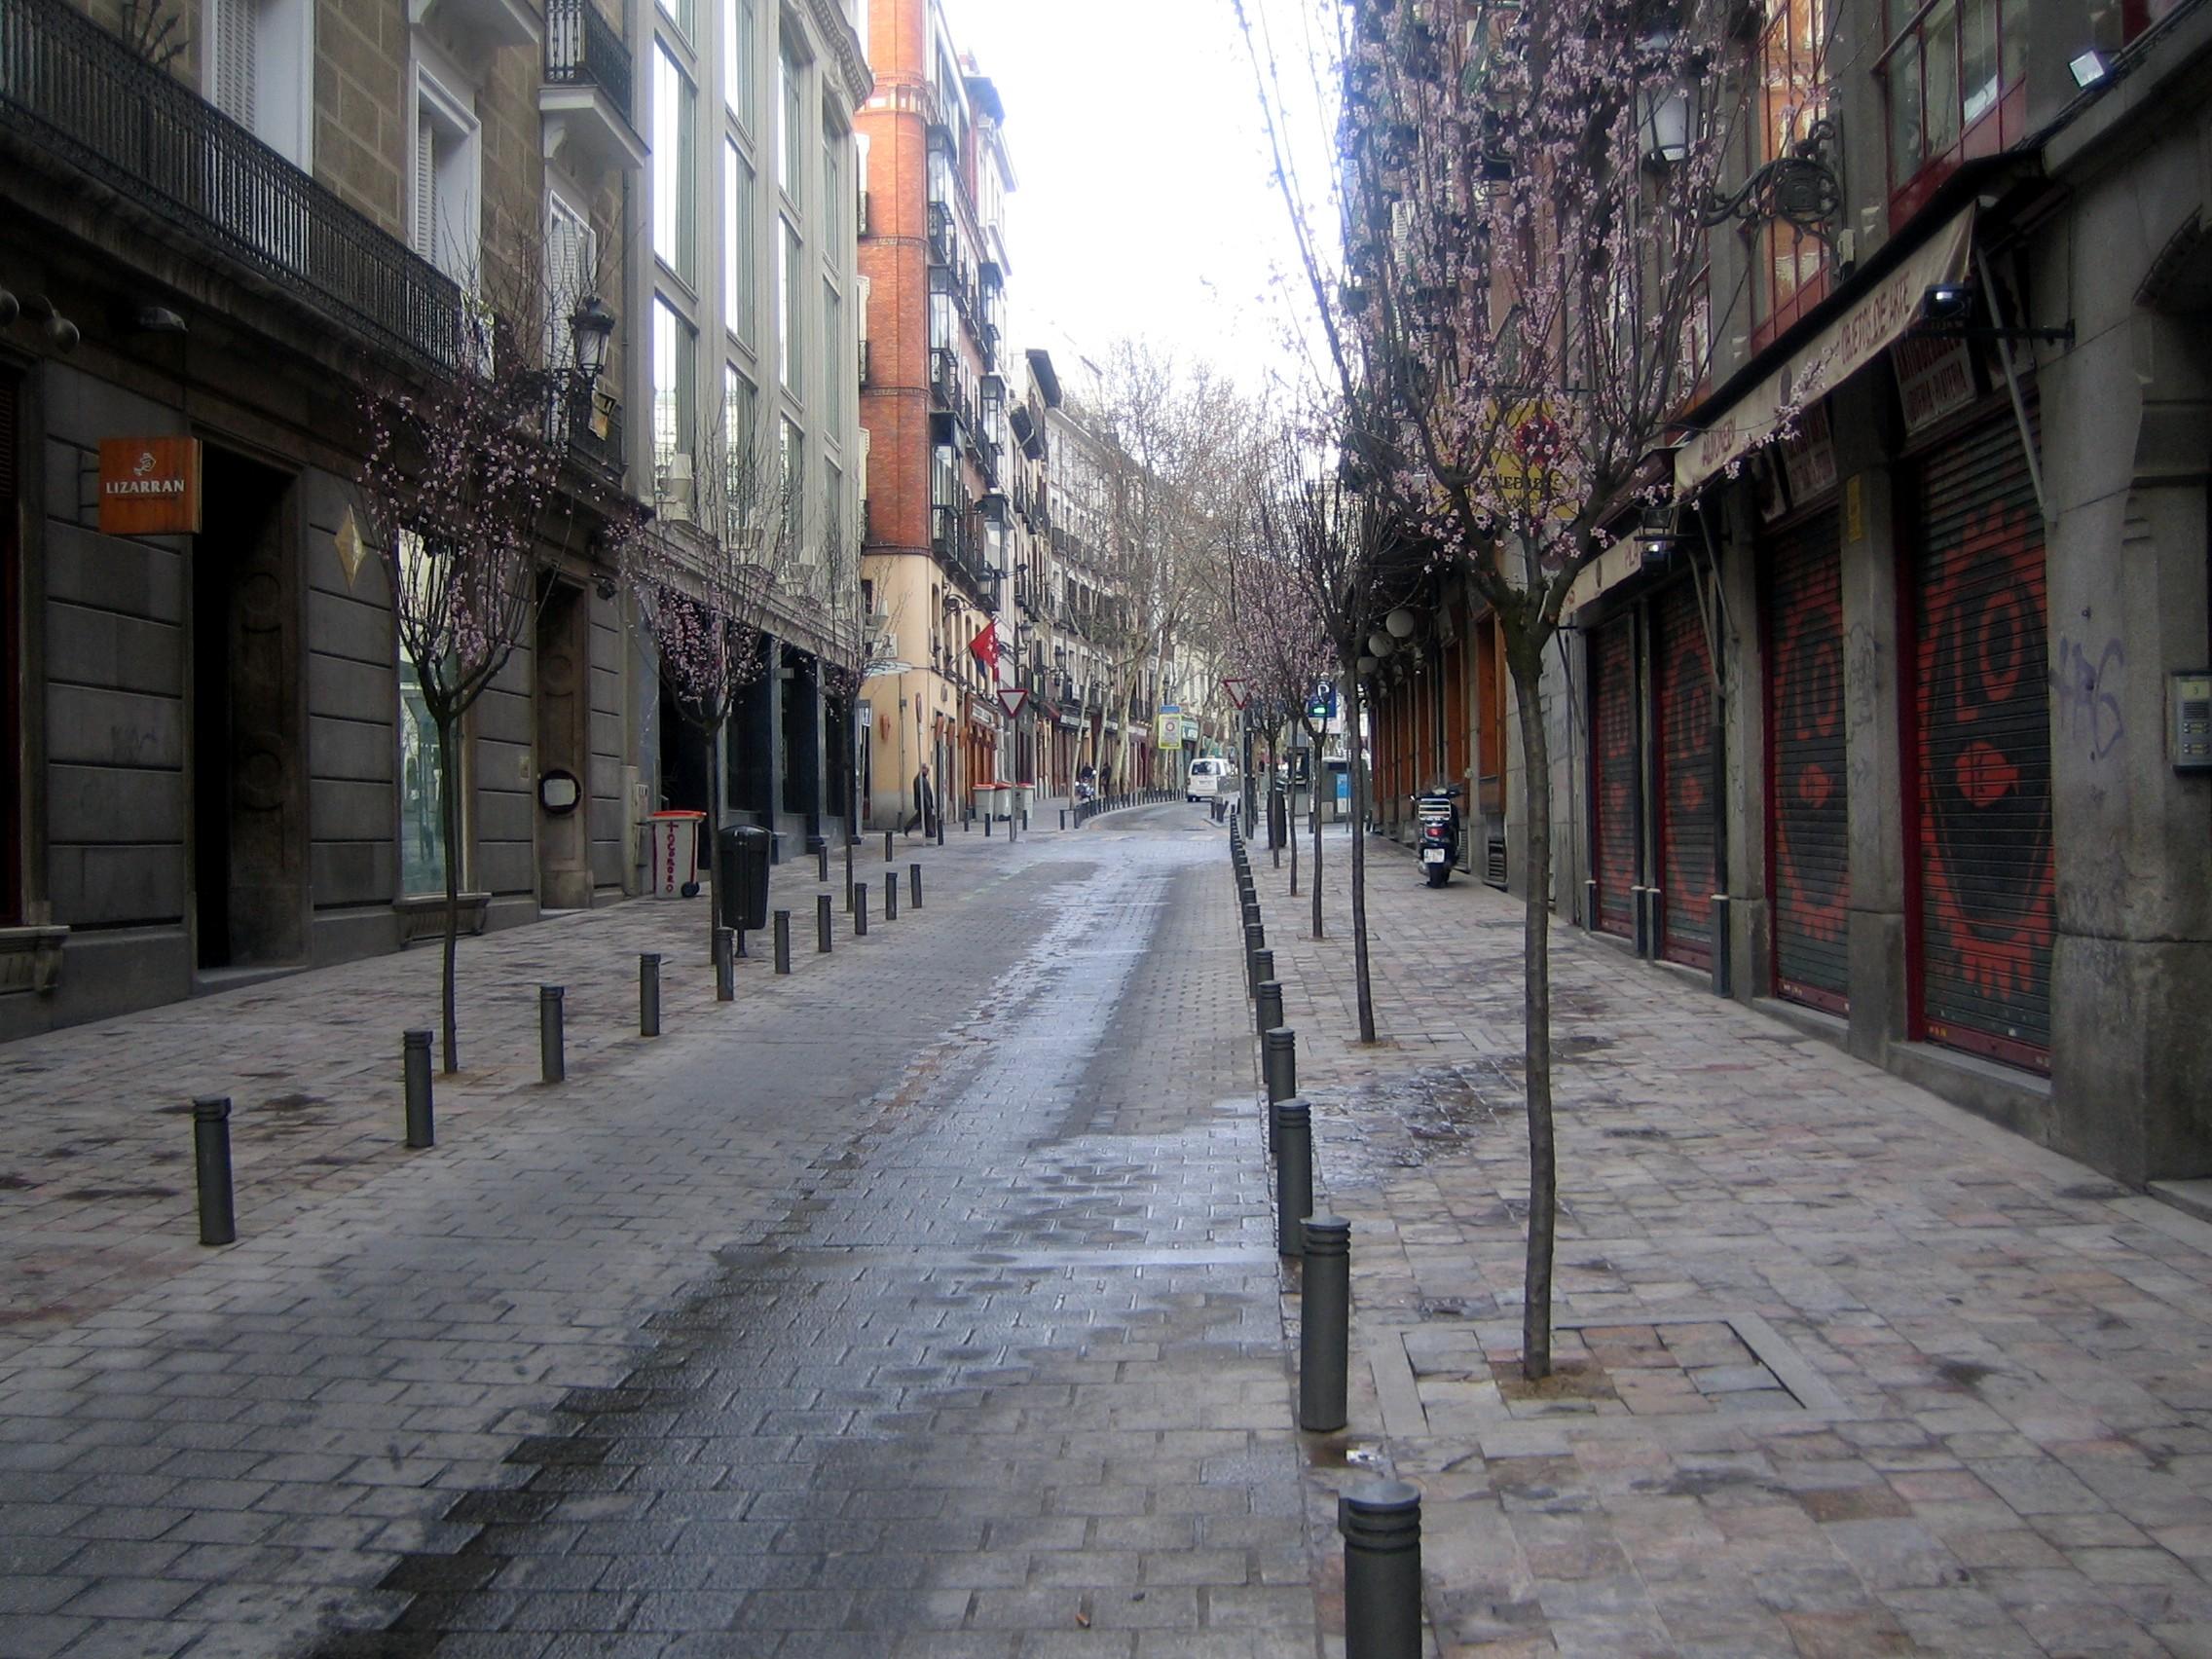 Huertas las letras estrena imagen ayuntamiento de madrid for Hoteles en la calle prado de madrid